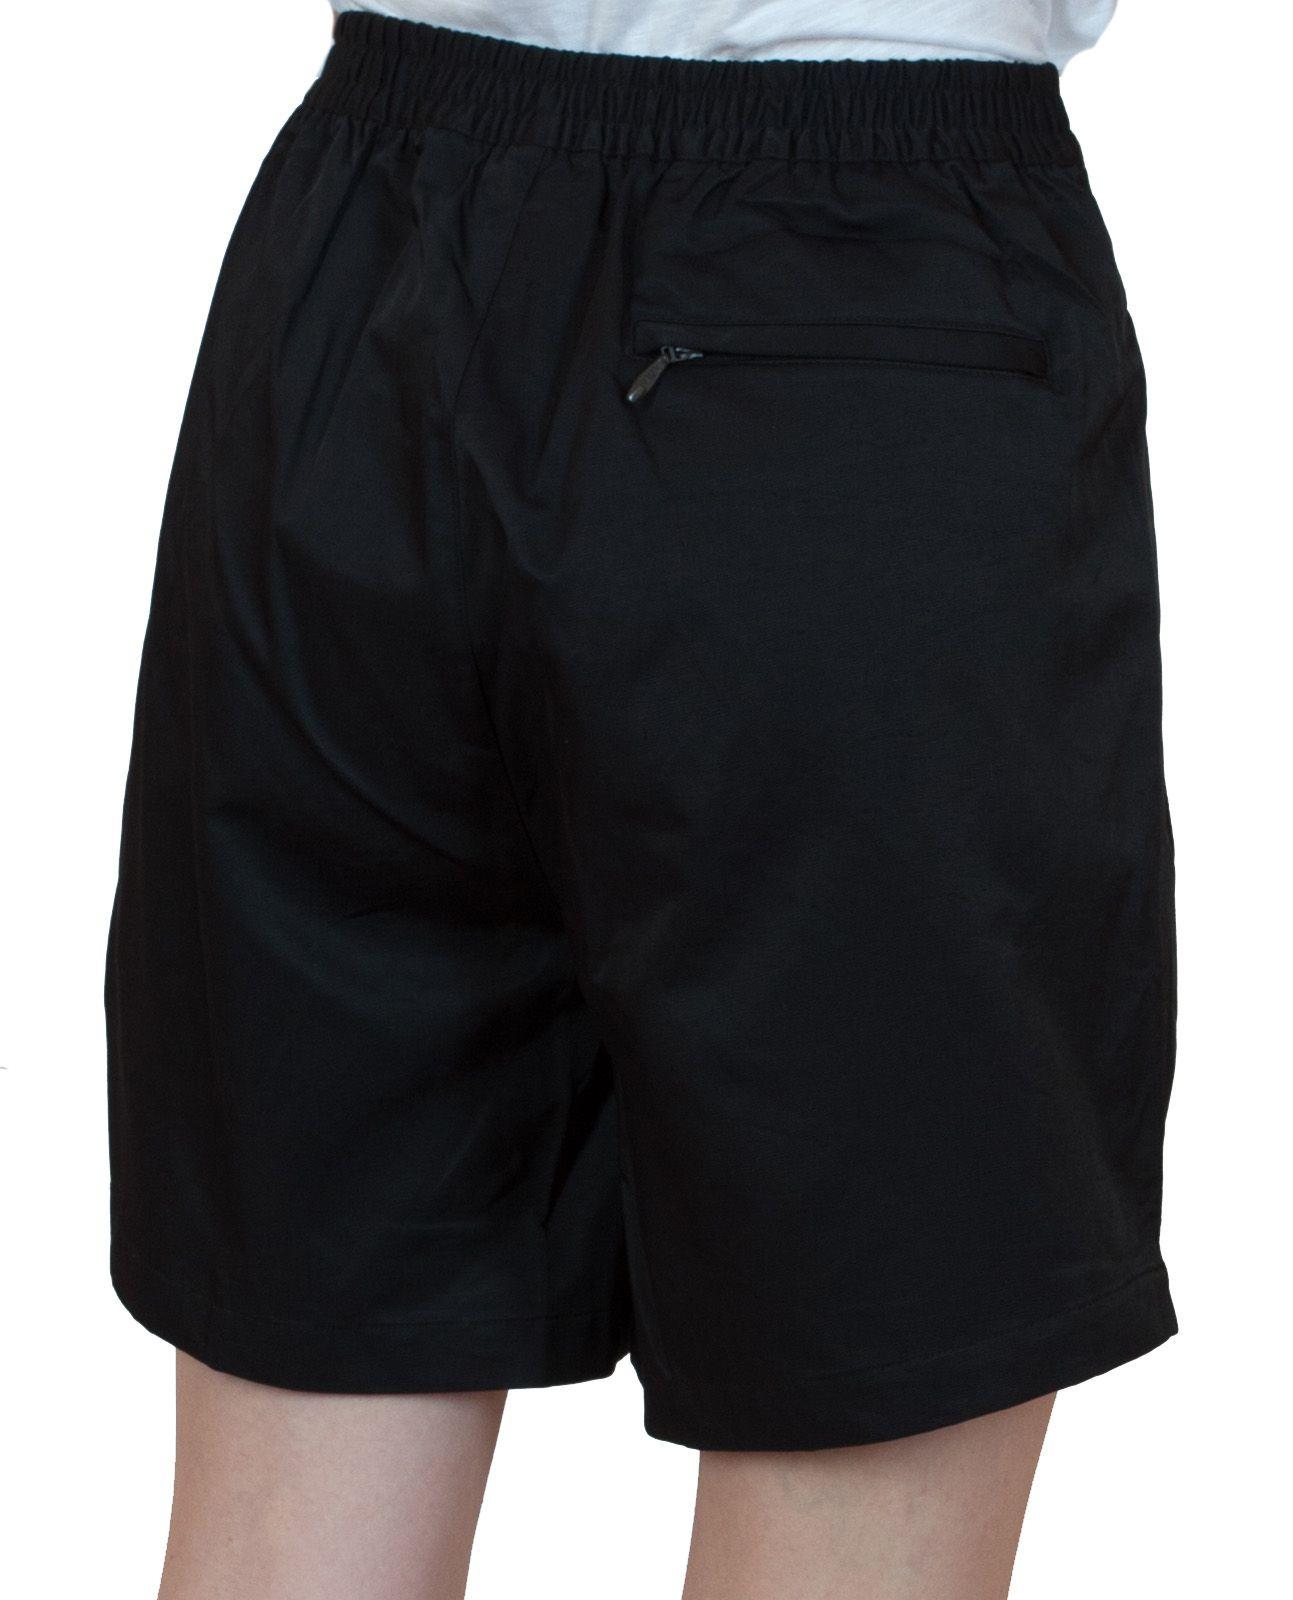 Черные женские шорты для спорта - вид сзади